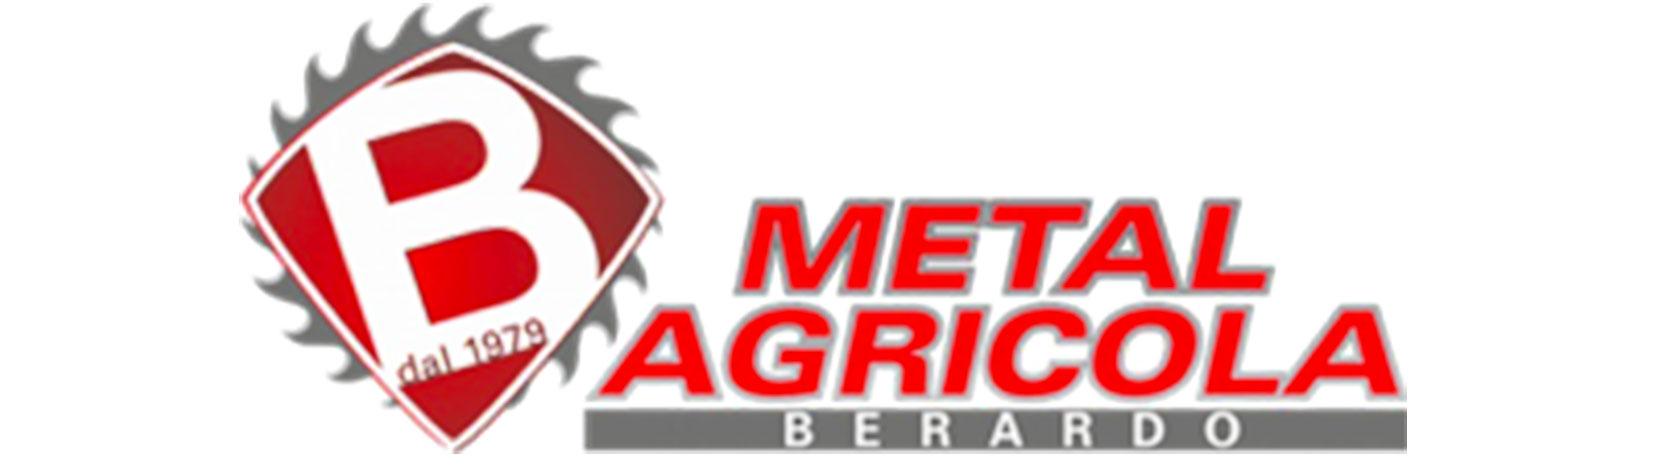 Metal Agricola